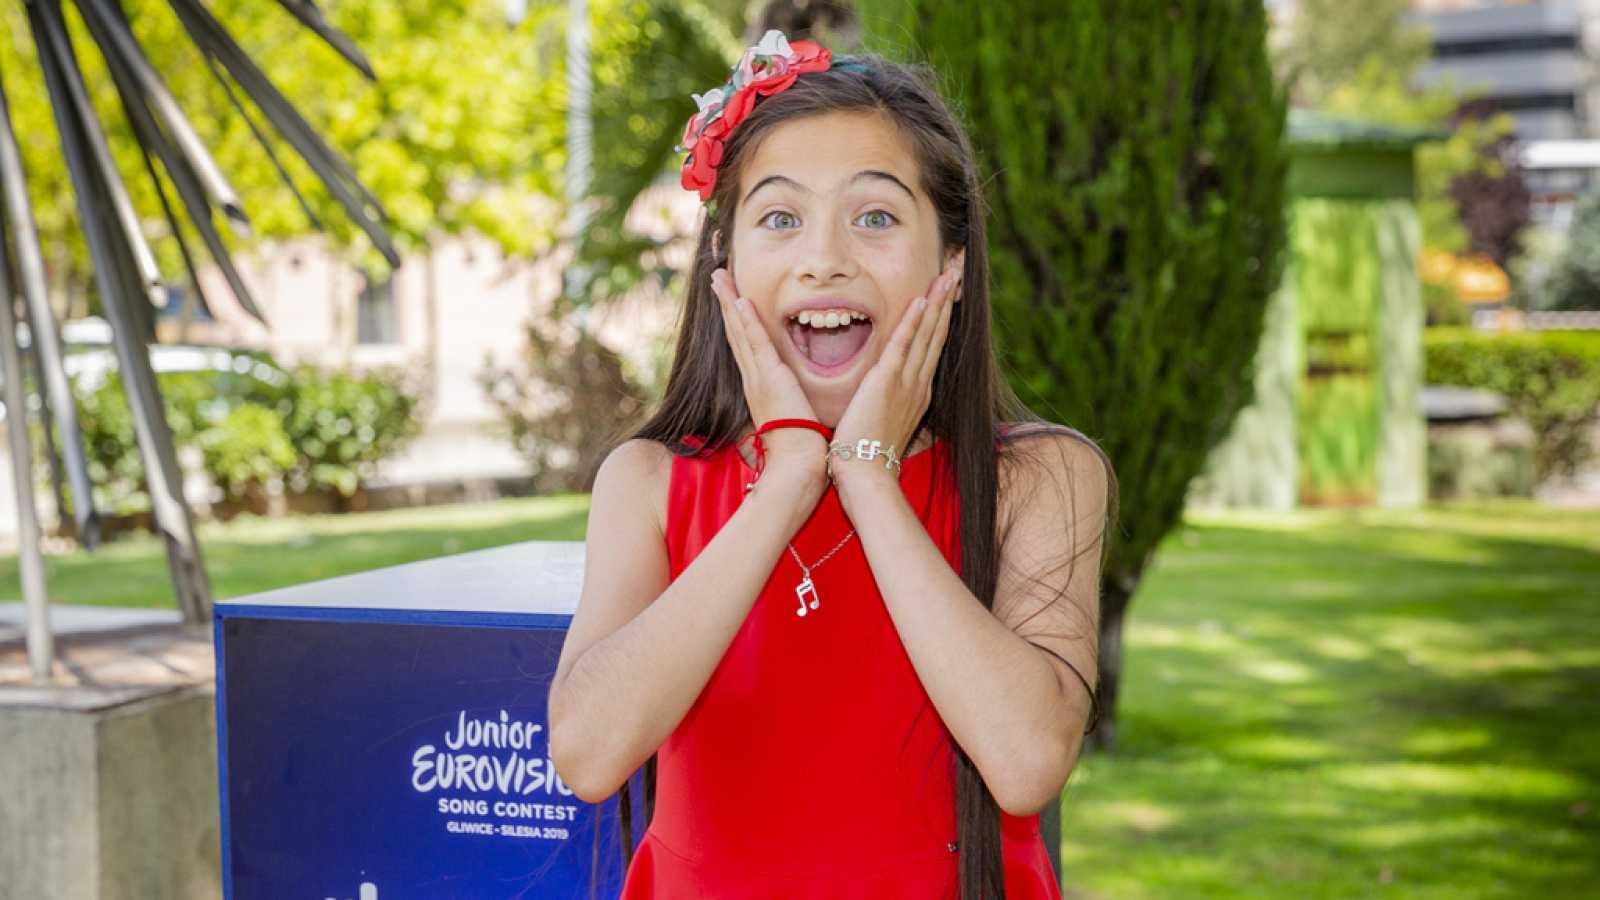 Eurovisión Junior 2019 - Melani, representante de España en Eurovisión Junior